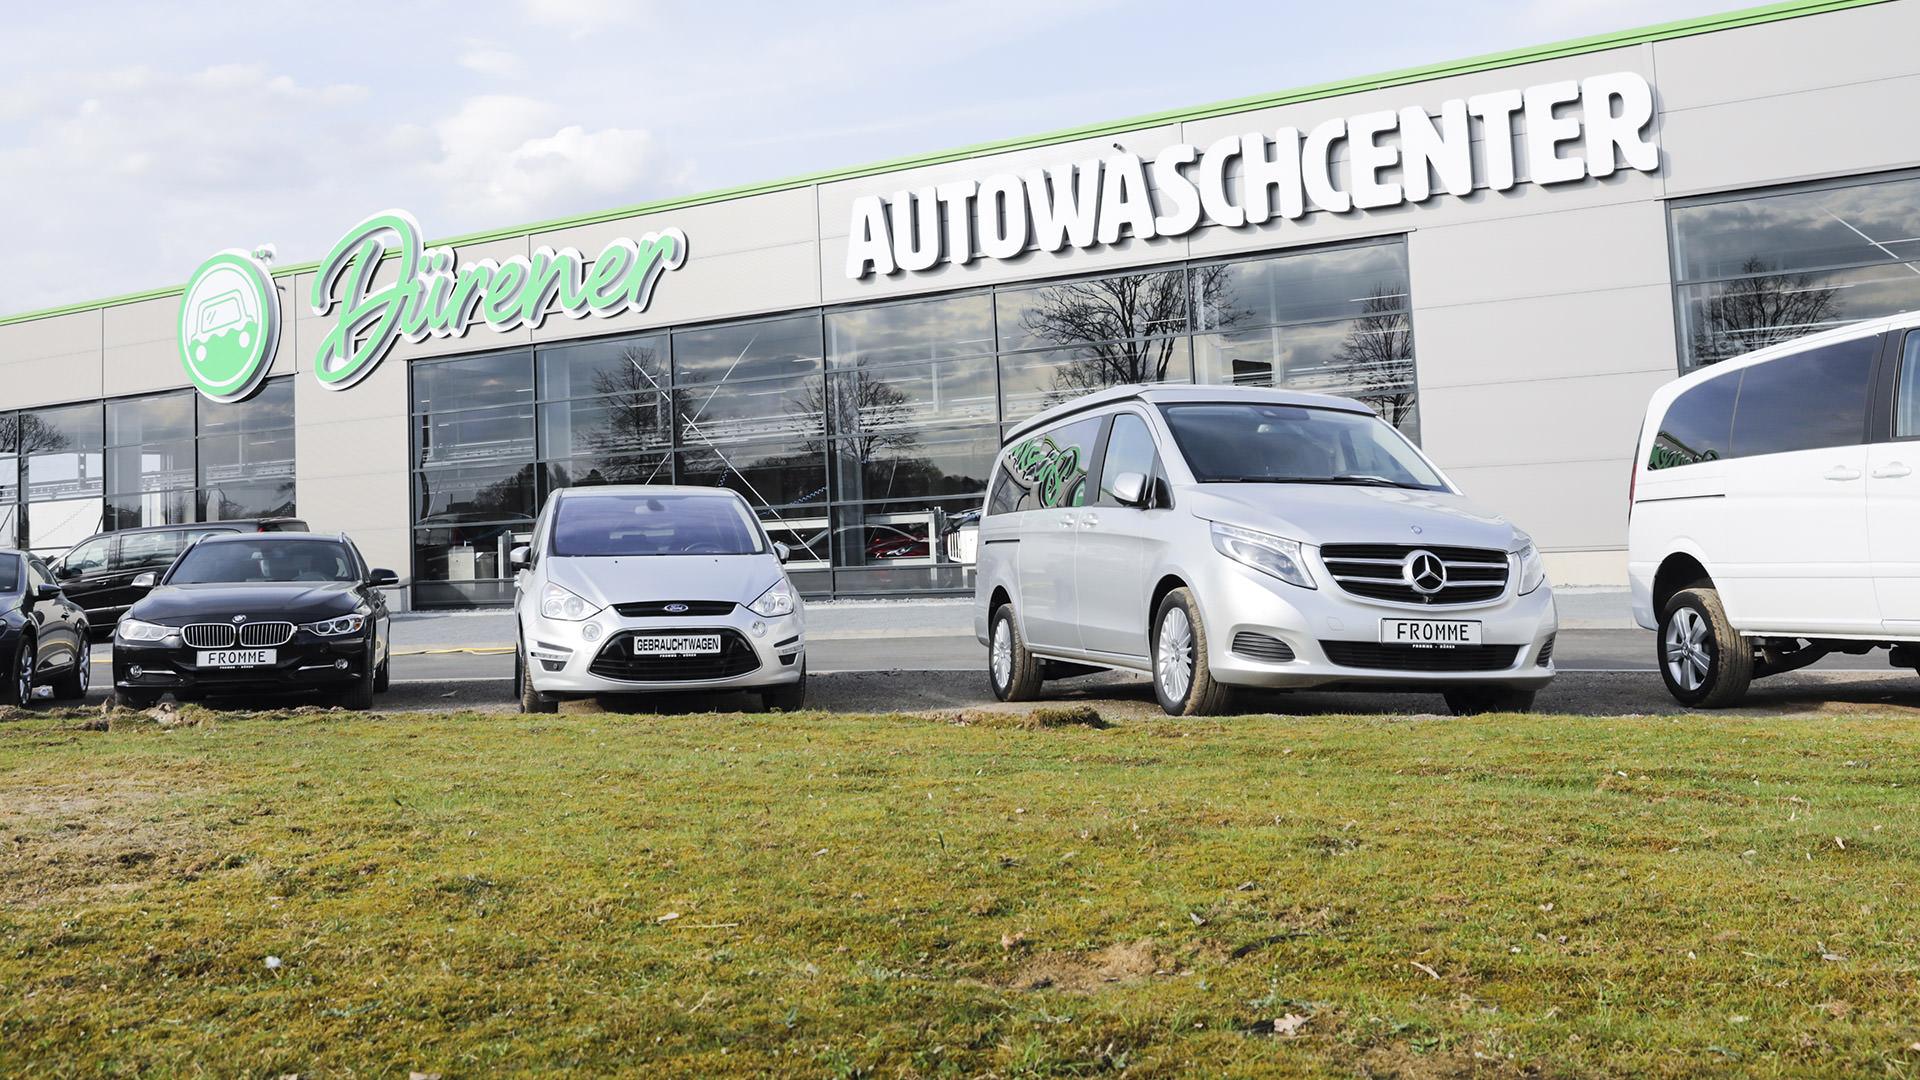 duerener_autowaschcenter_slide1